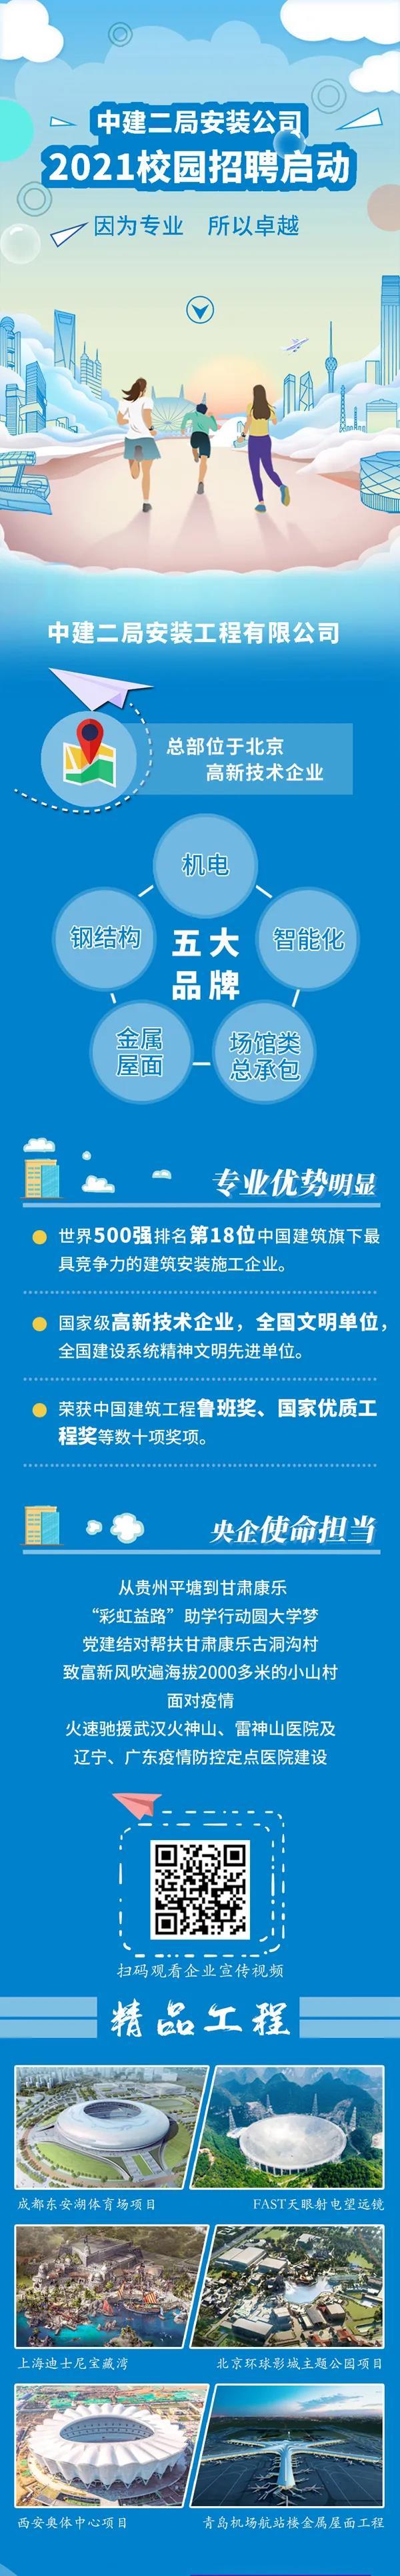 长图(1).jpg